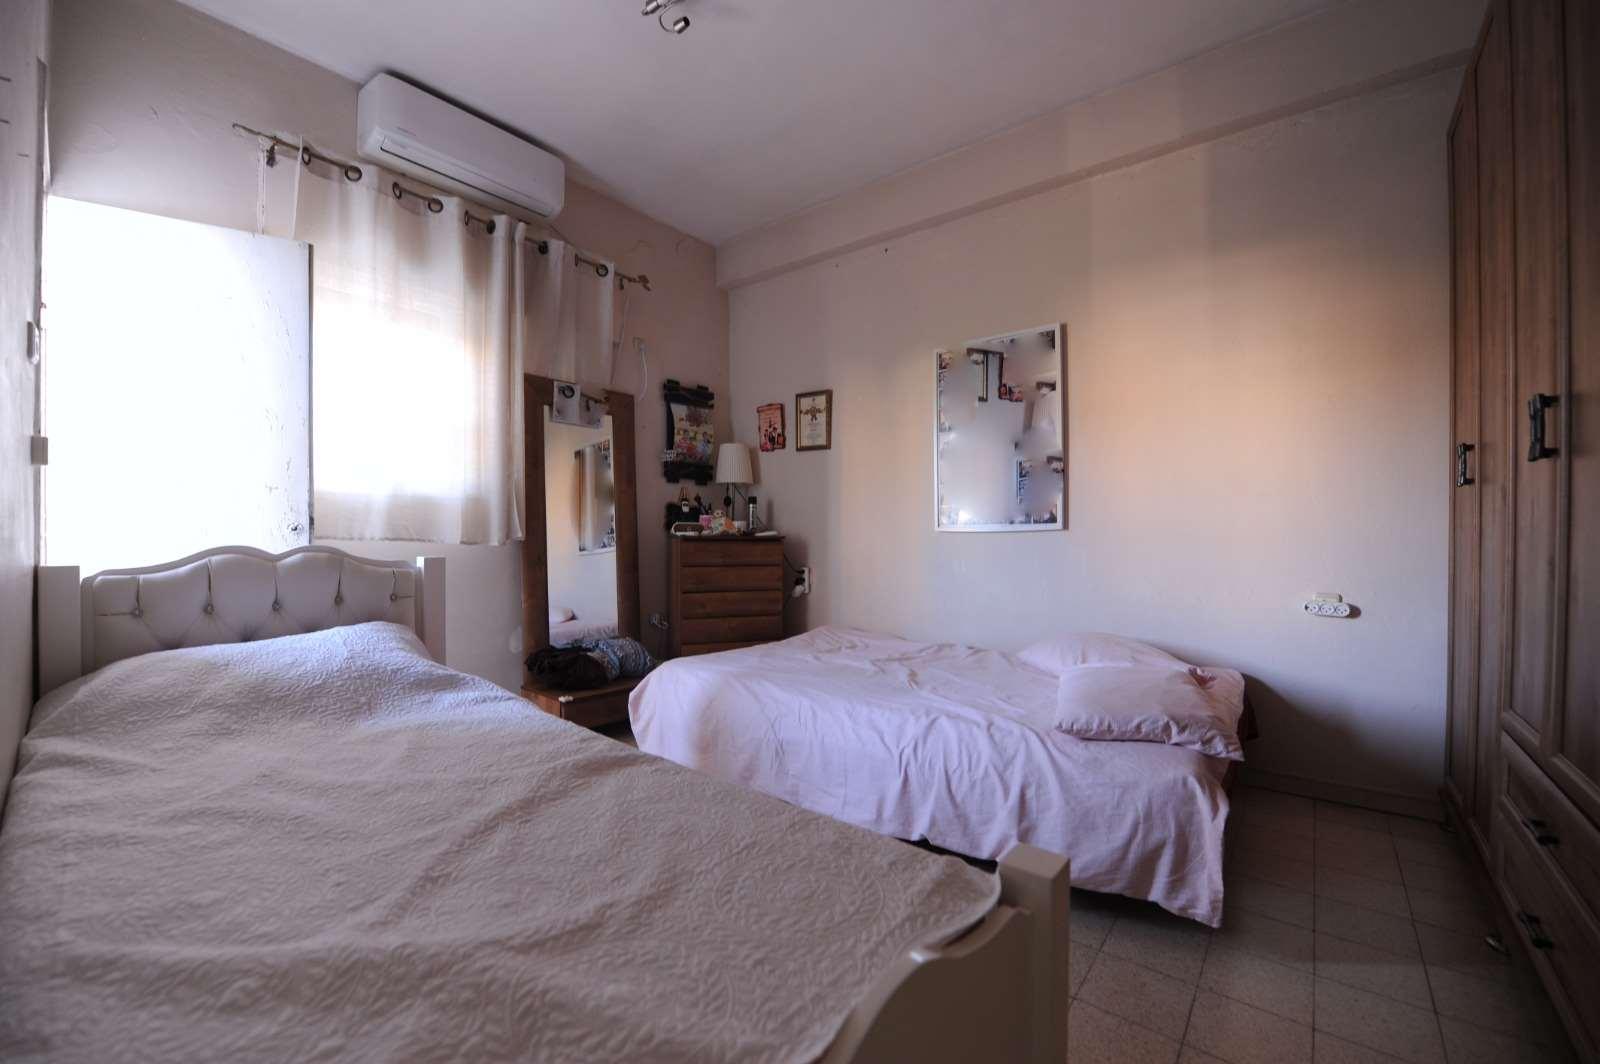 דירה למכירה 4 חדרים בבת ים הרב ניסנבאום